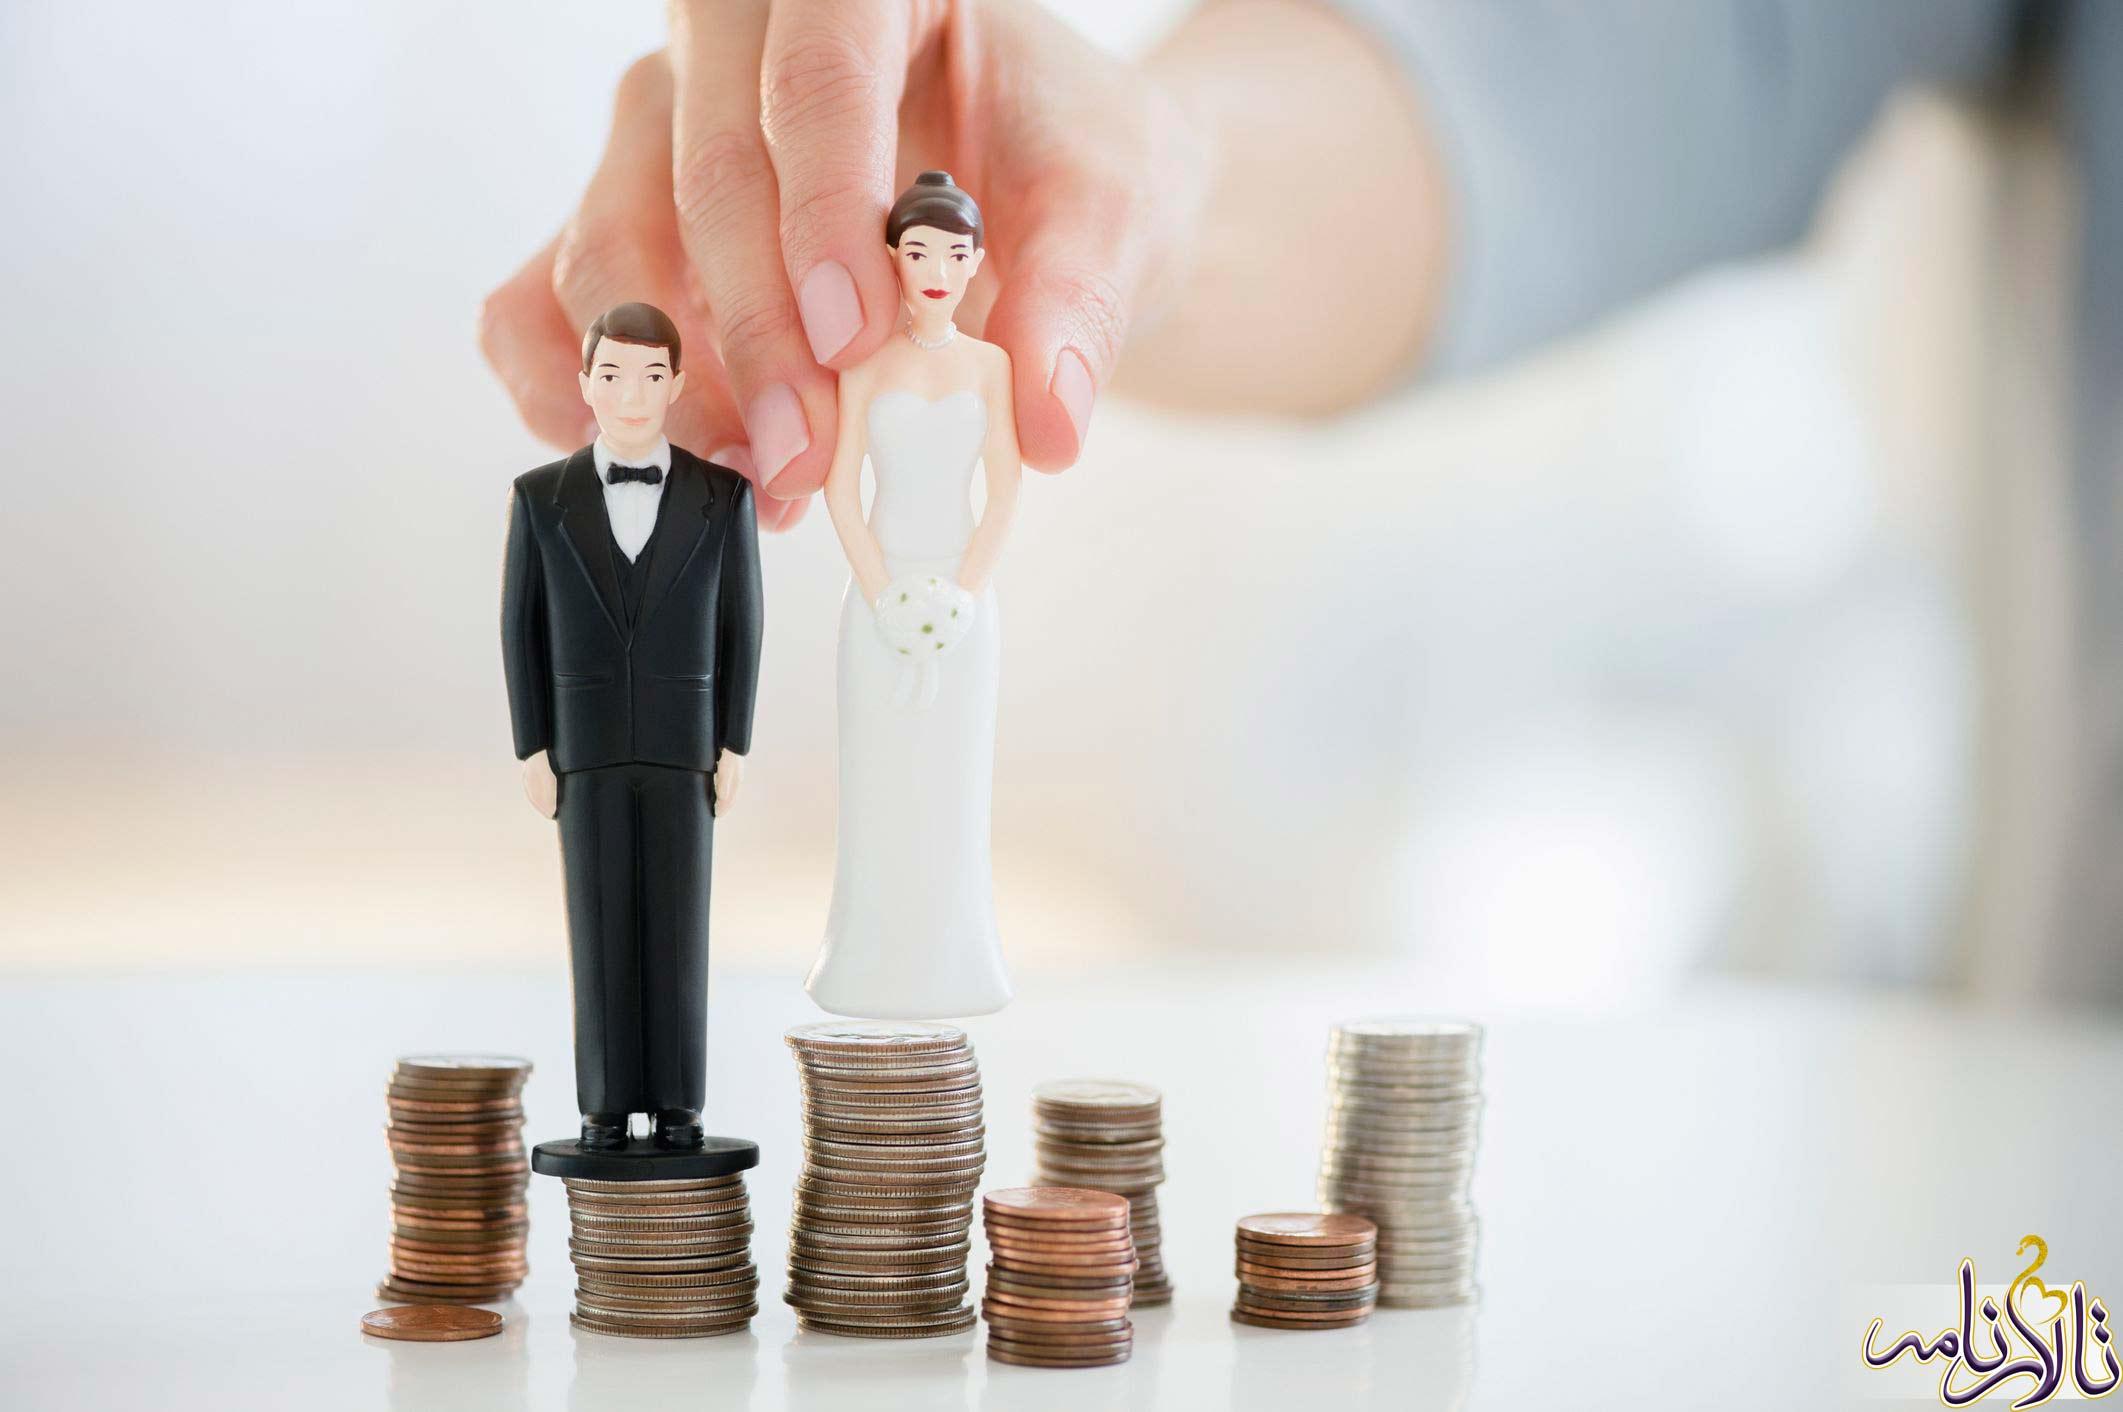 چگونه یک زندگی و ازدواج پایدار داشته باشیم